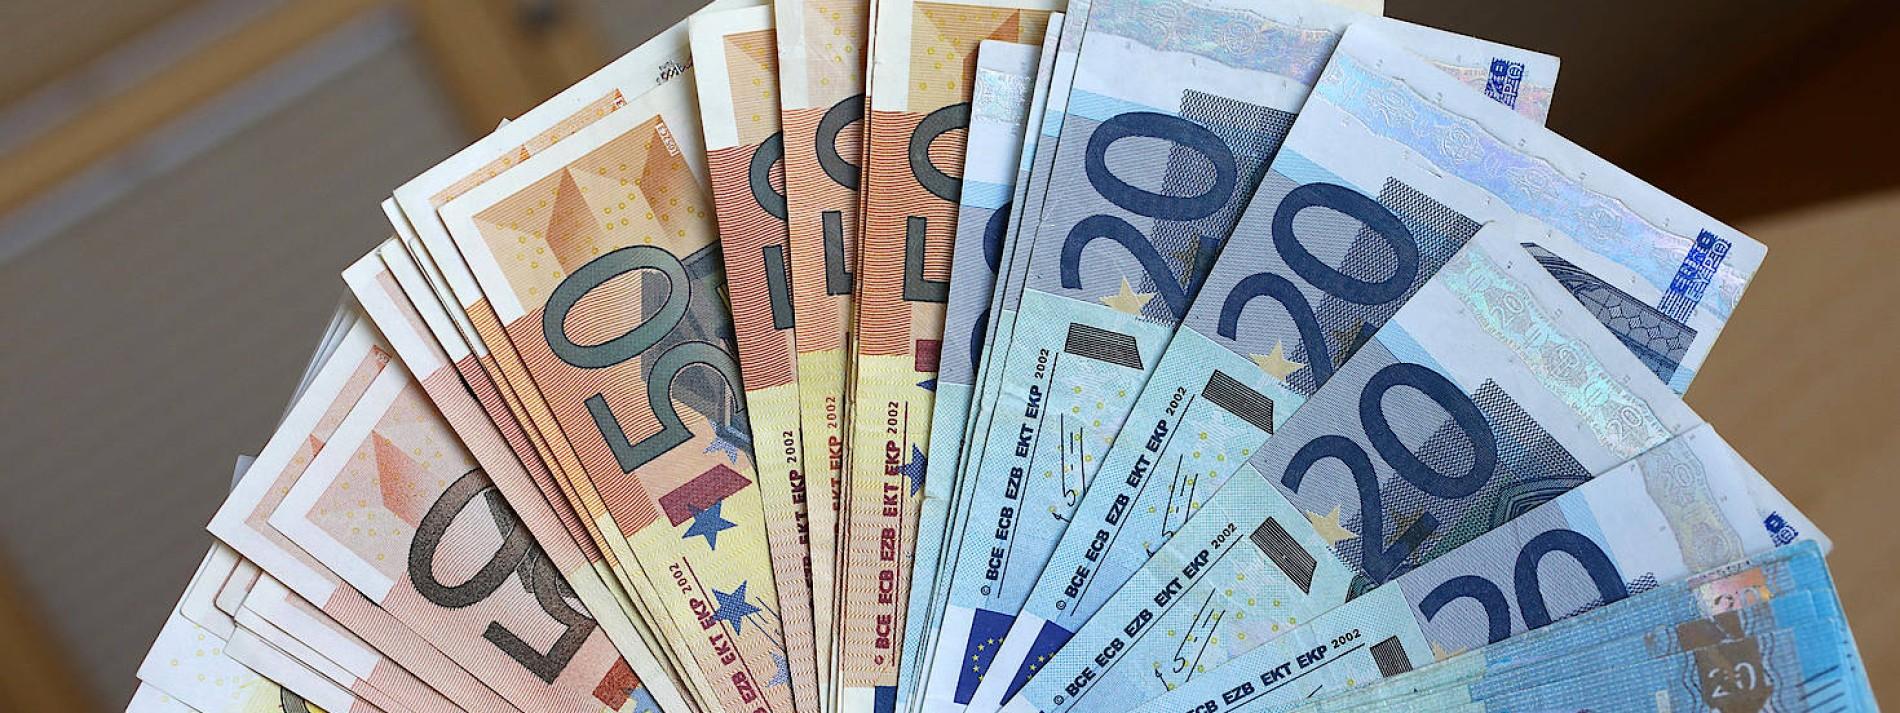 In tschechien kaufen falschgeld Schweizer kaufen